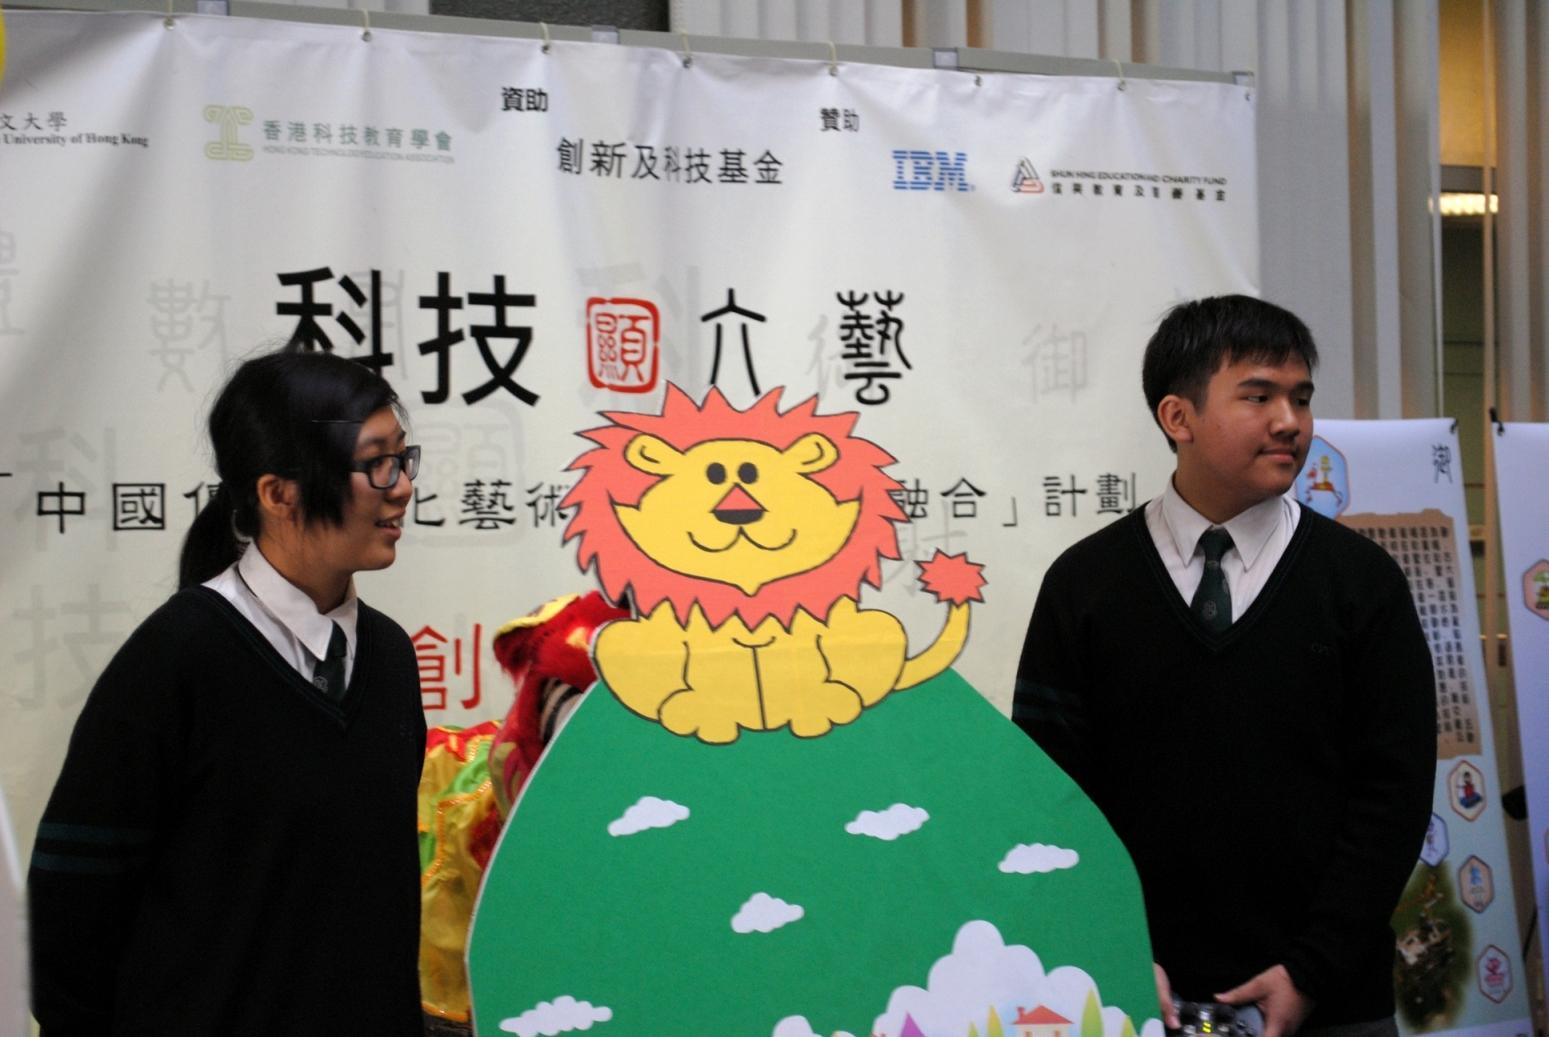 「科技顯六藝」機械人創意比賽「禮」藝組一等獎得主 - 張沛松紀念中學的同學講解其作品特色。